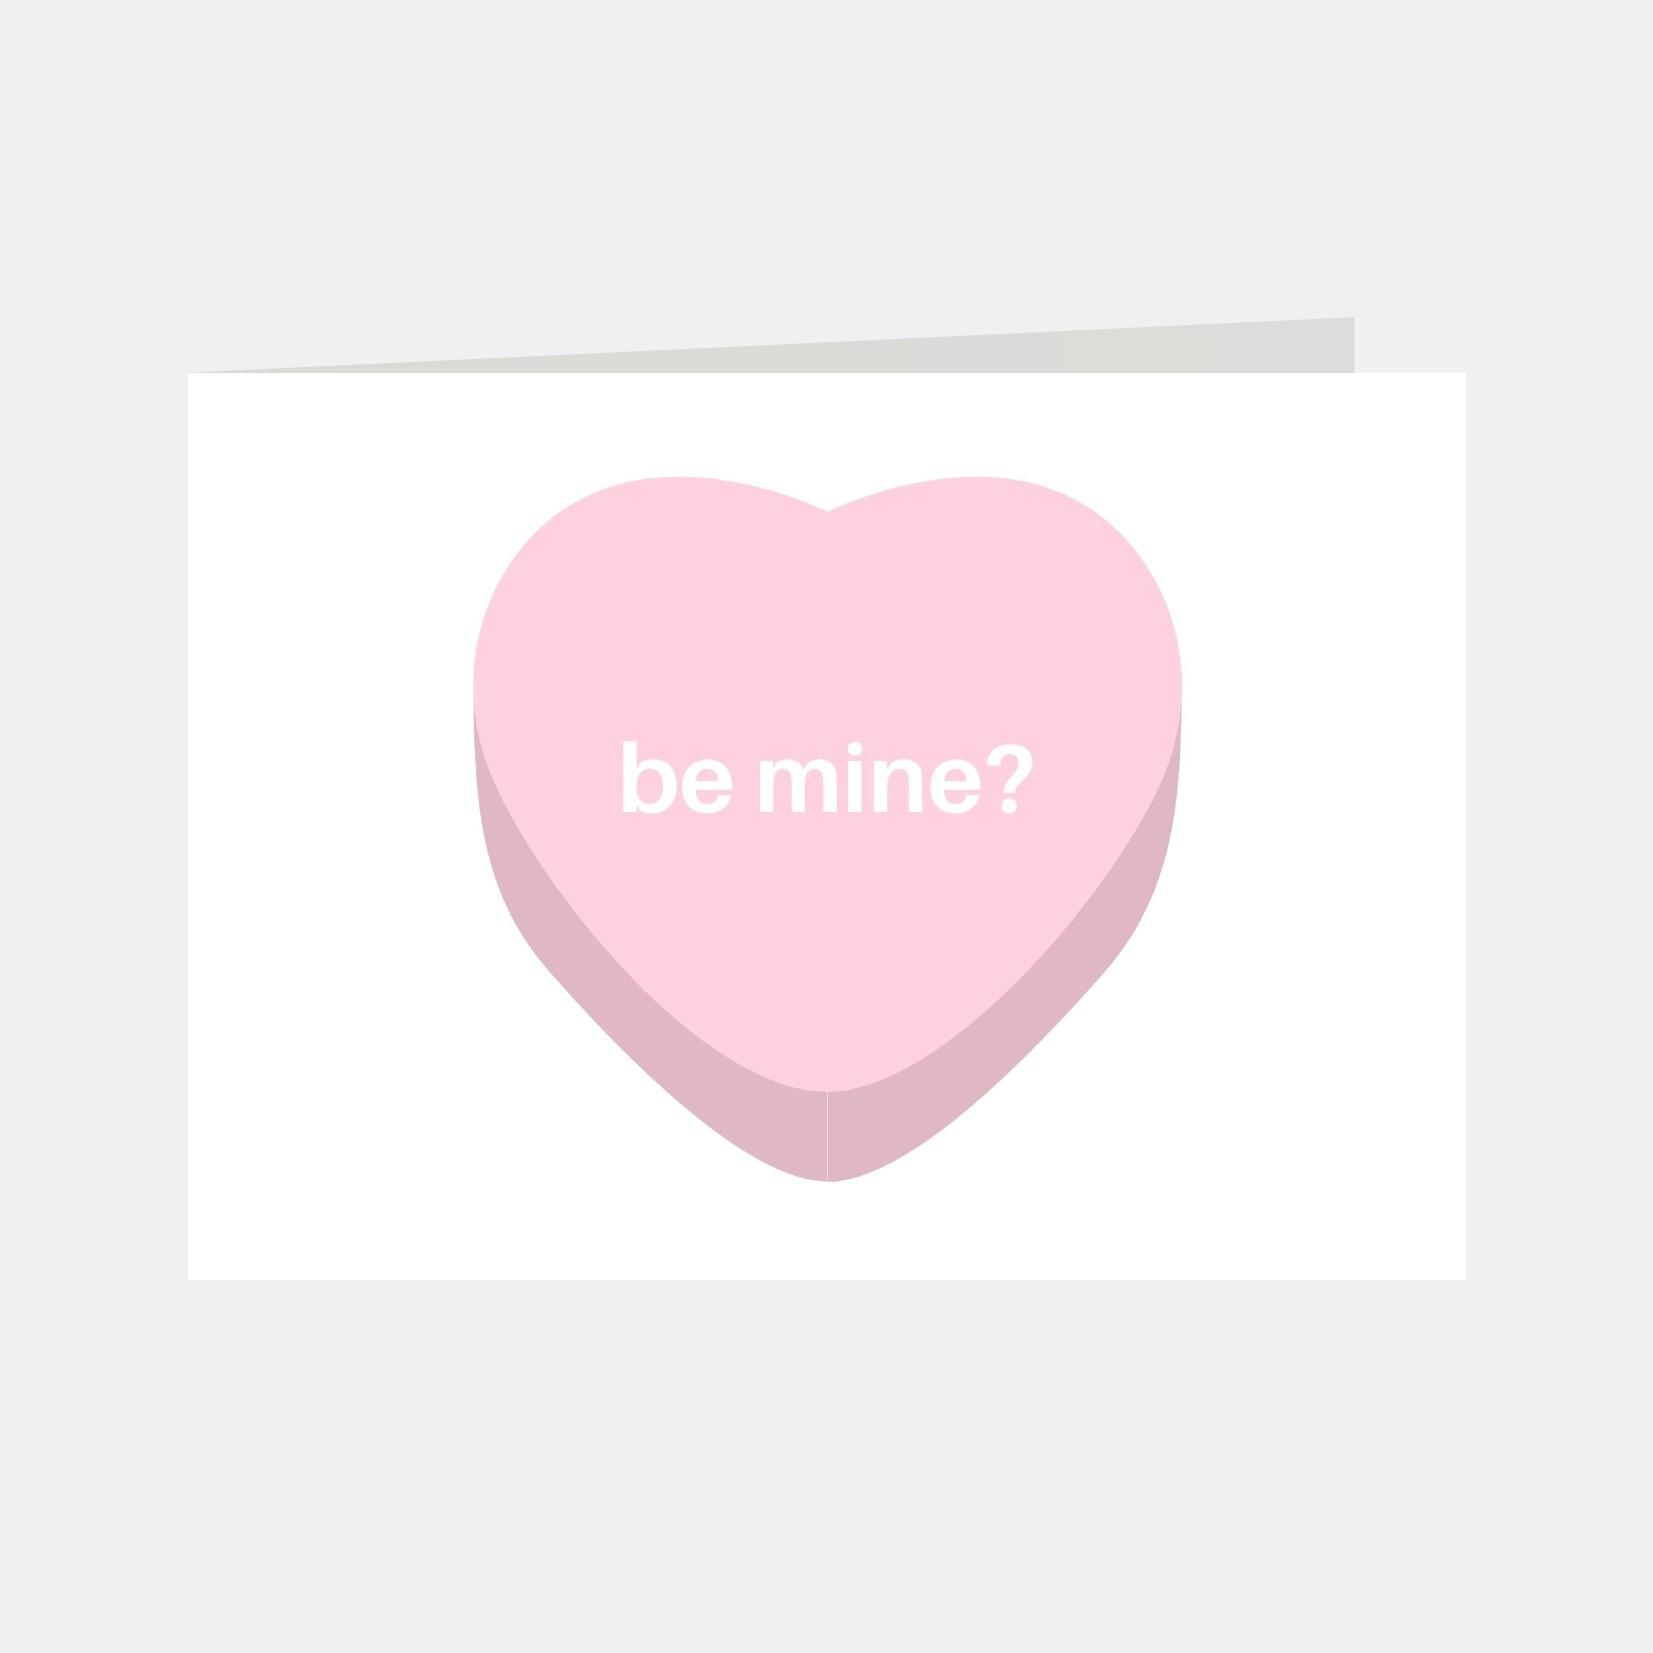 Wenskaart met een roze hartje en de tekst Be mine?